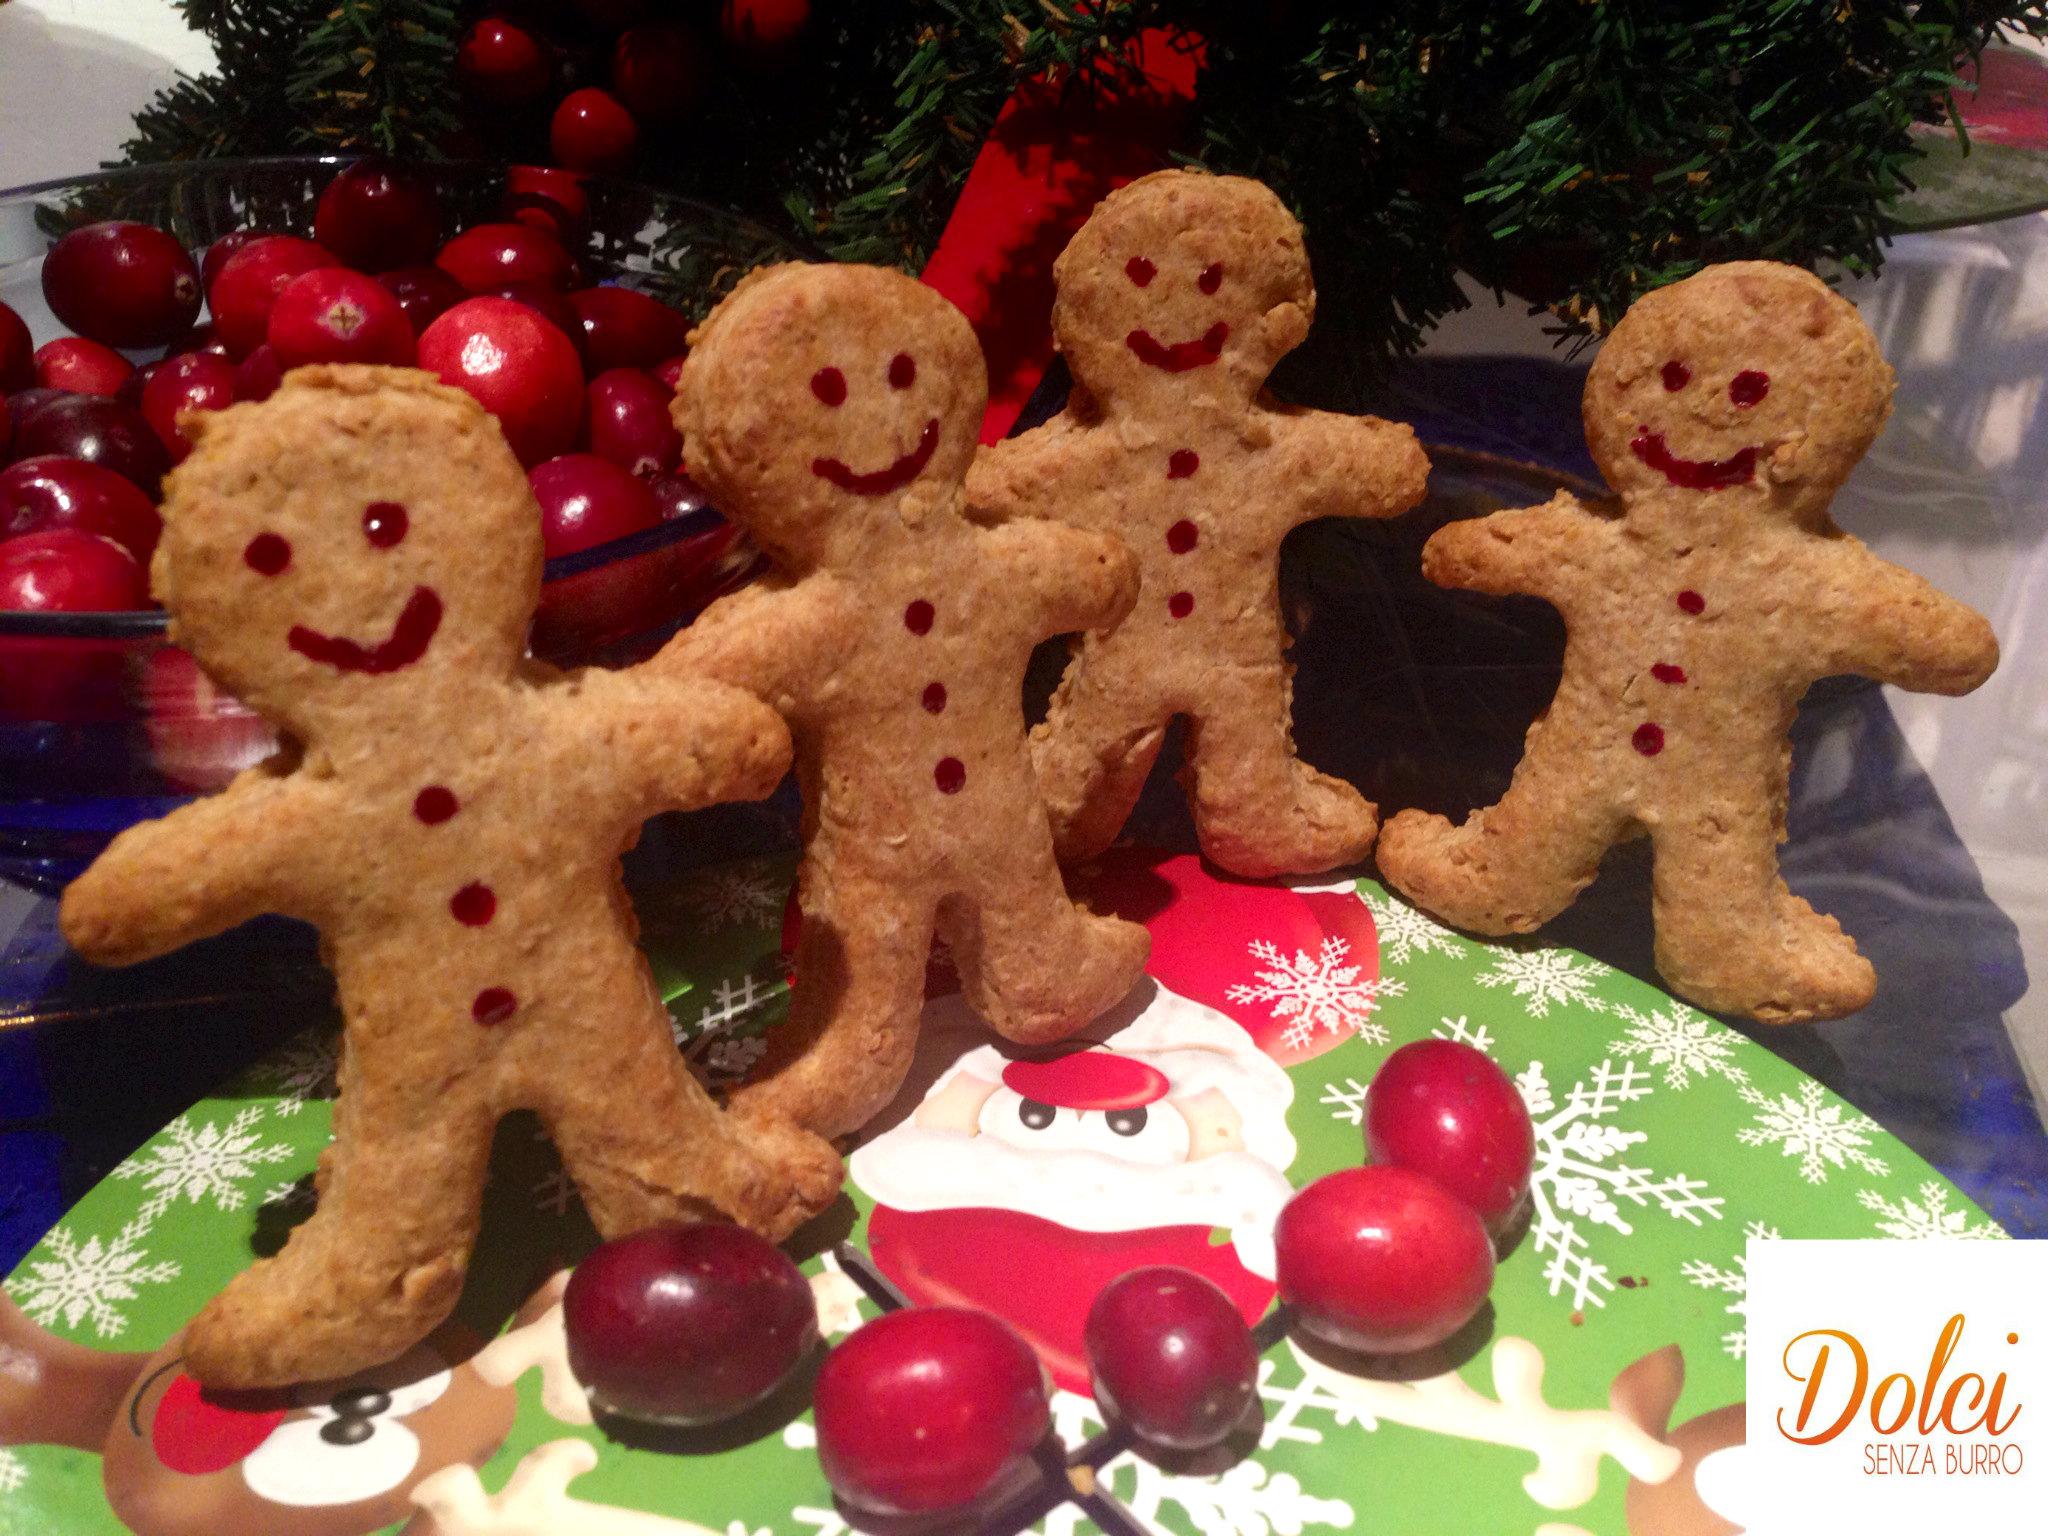 Biscotti al pan di zenzero senza burro, i biscotti di Natale di dolci senza burro